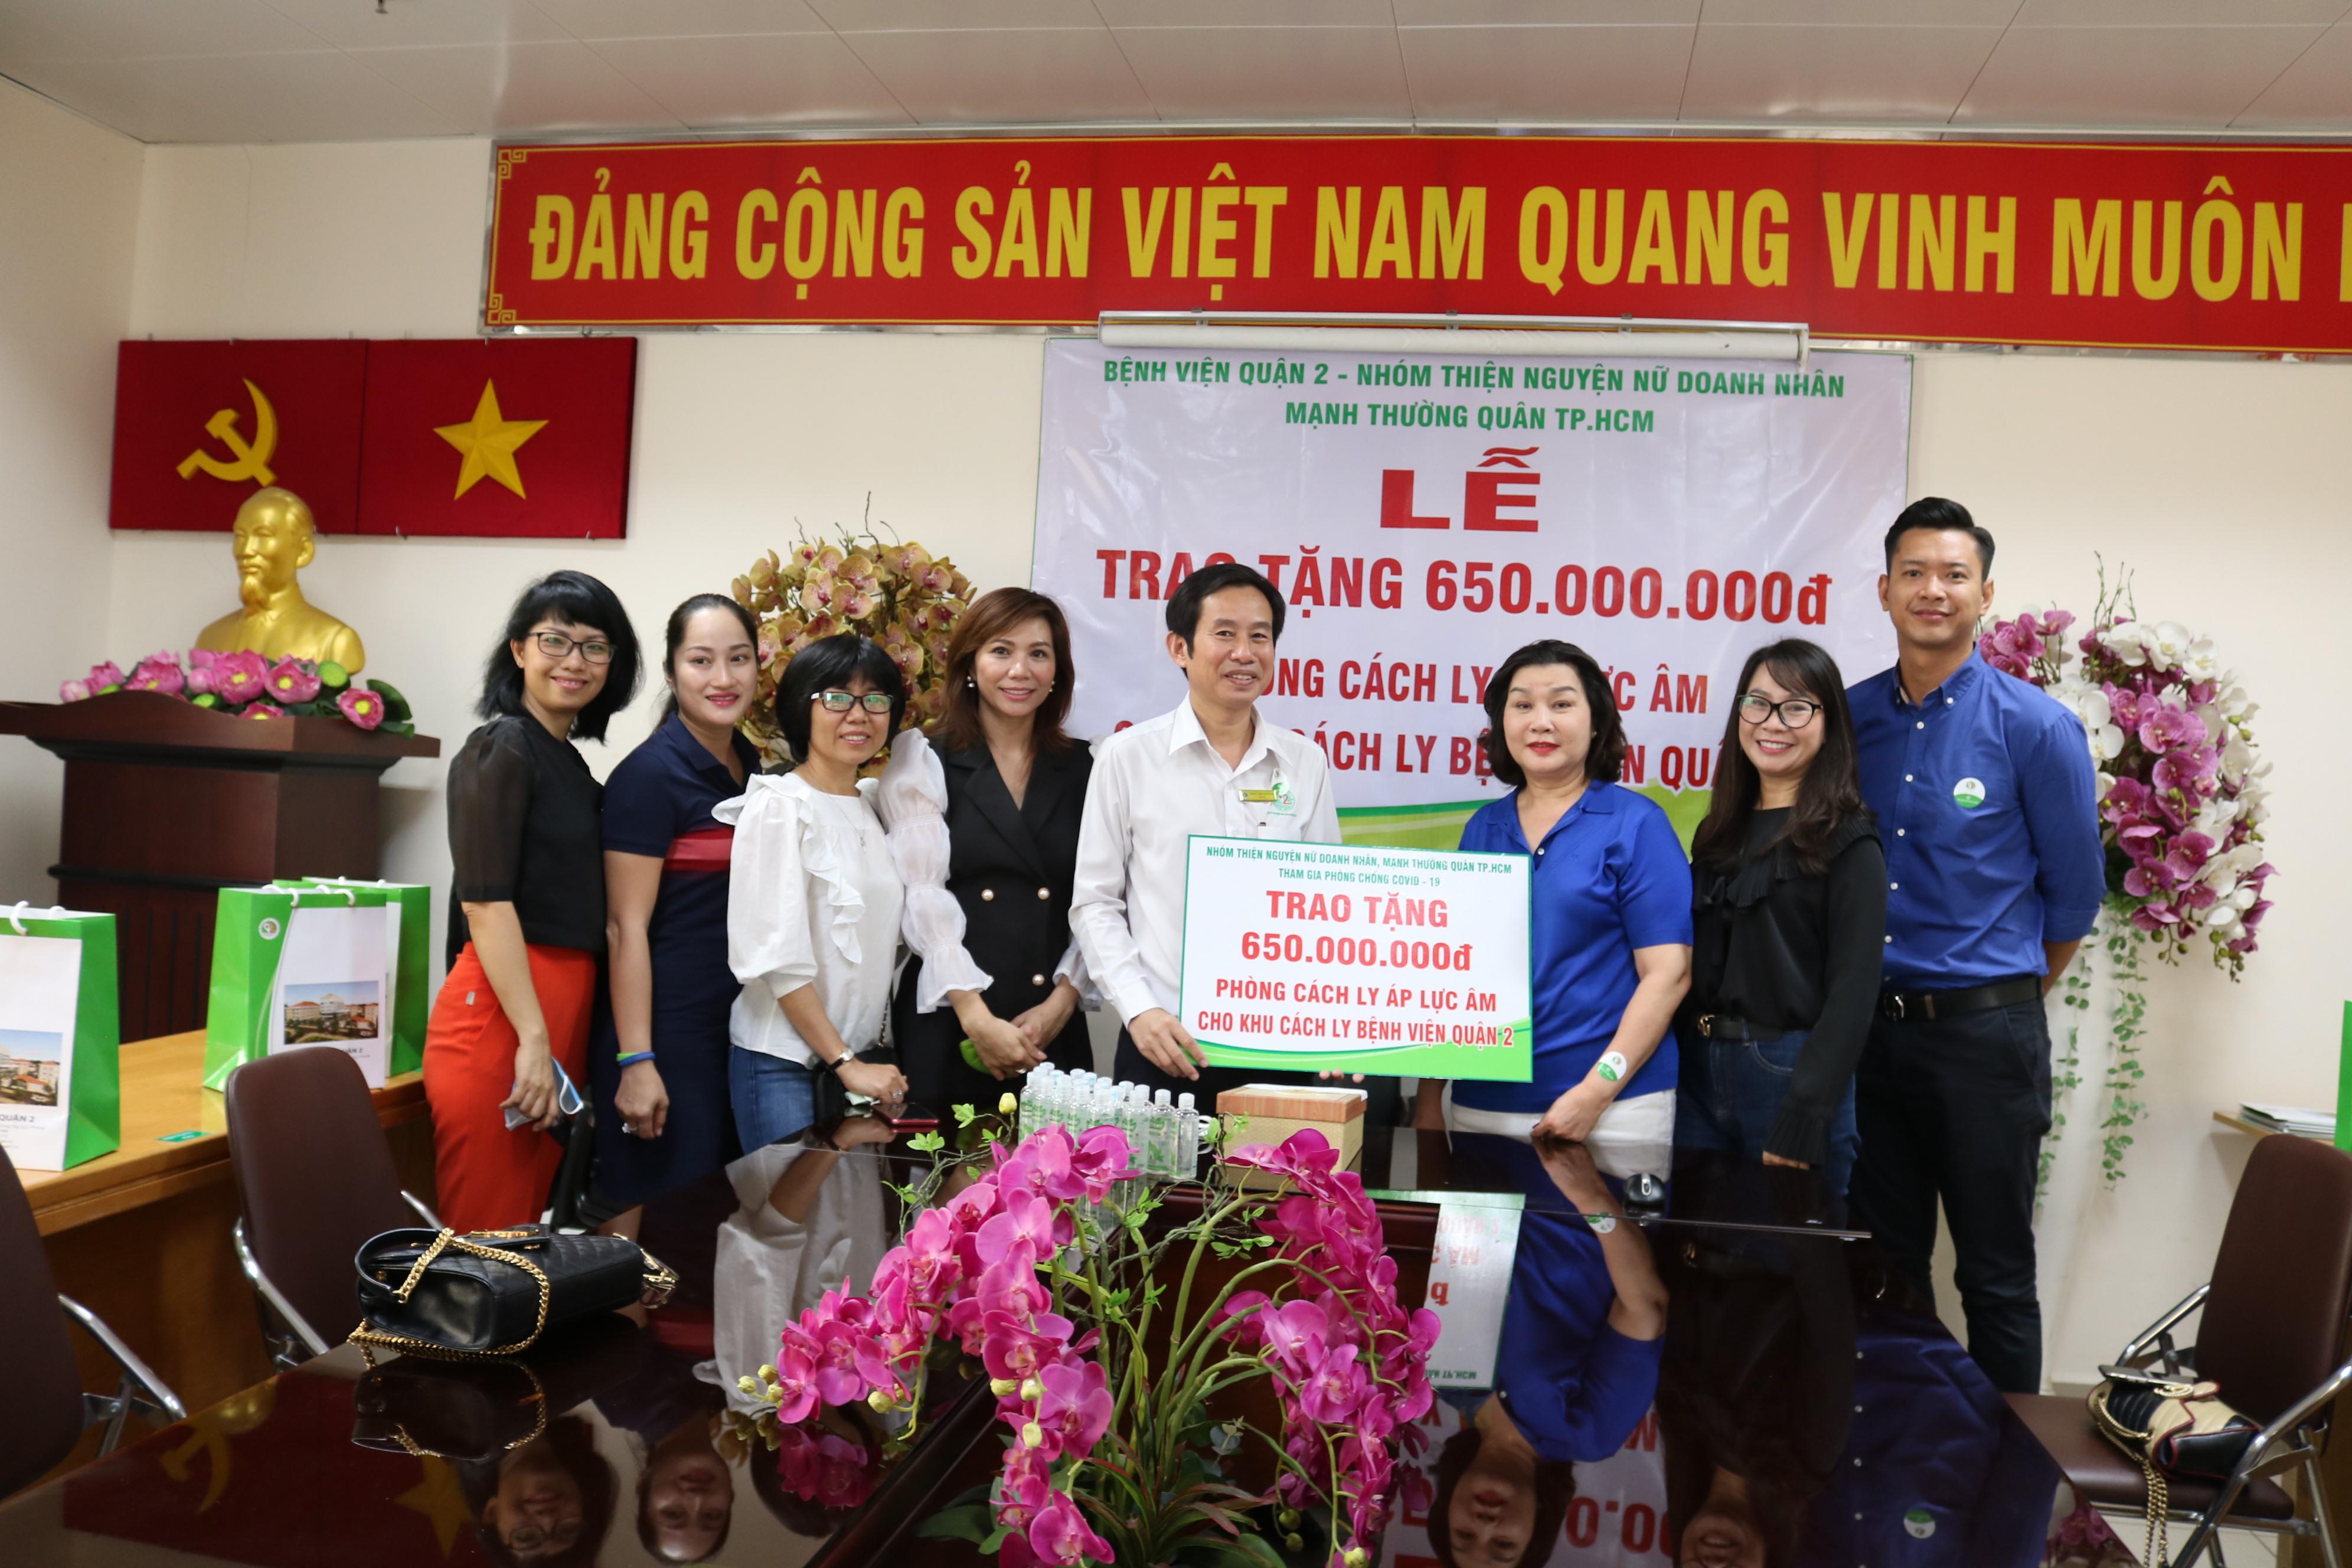 Số tiền 650 triệu đồng được các chị góp với nhau chỉ trong hai ngày, hy vọng hỗ trợ Bệnh viện  trong quá trình cách ly, điều trị bệnh nhân nhiễm hoặc nghi nhiễm COVID-19.